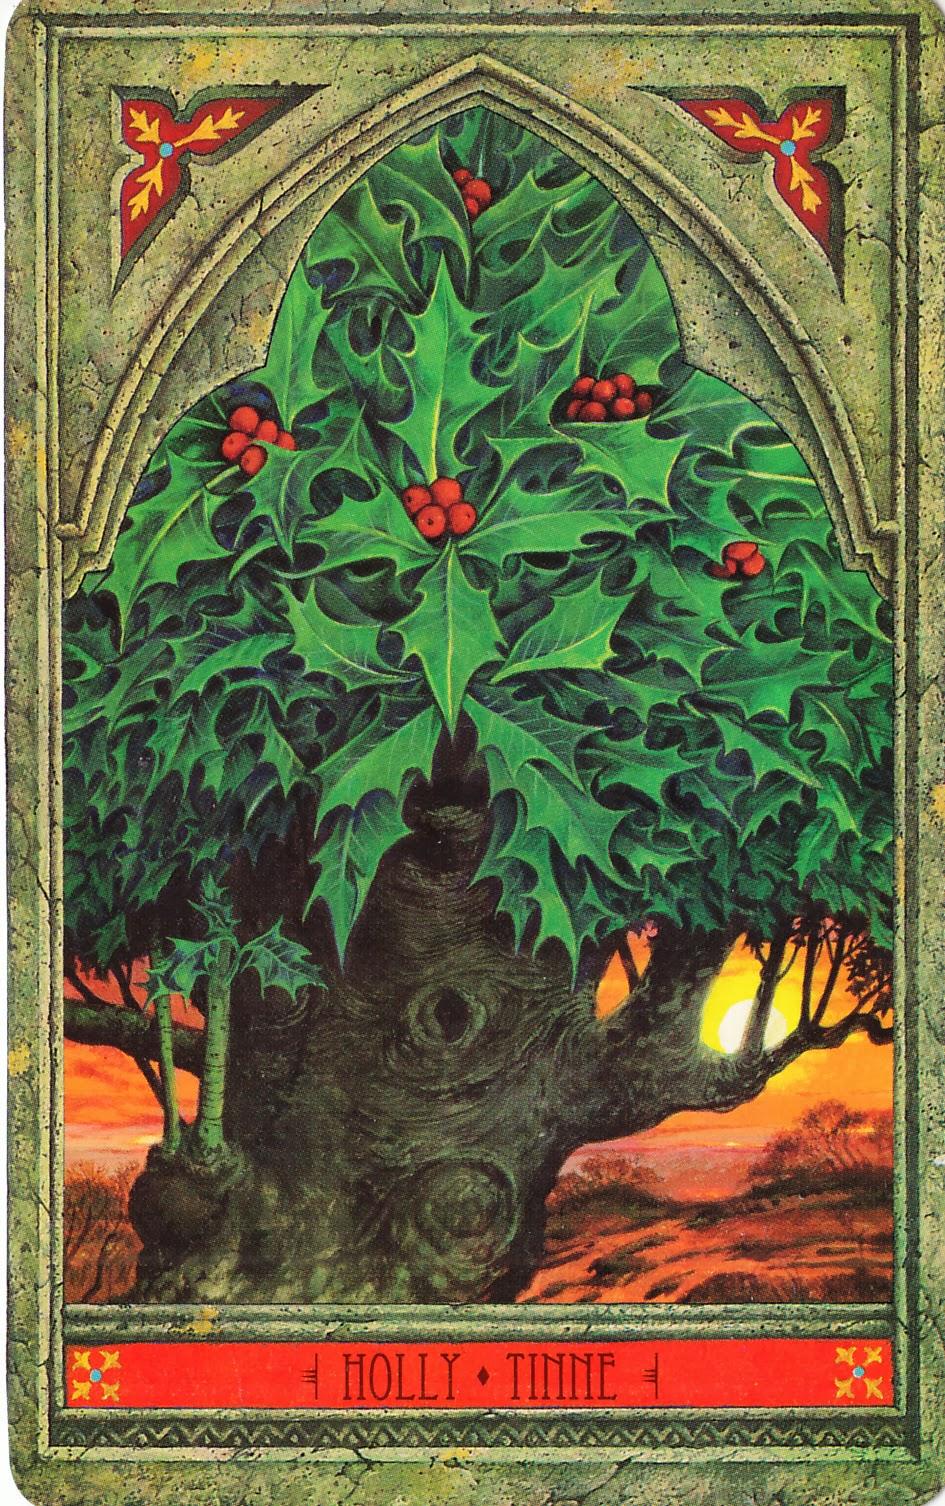 Rowan Tarot: Green Man Tree Oracle: Holly